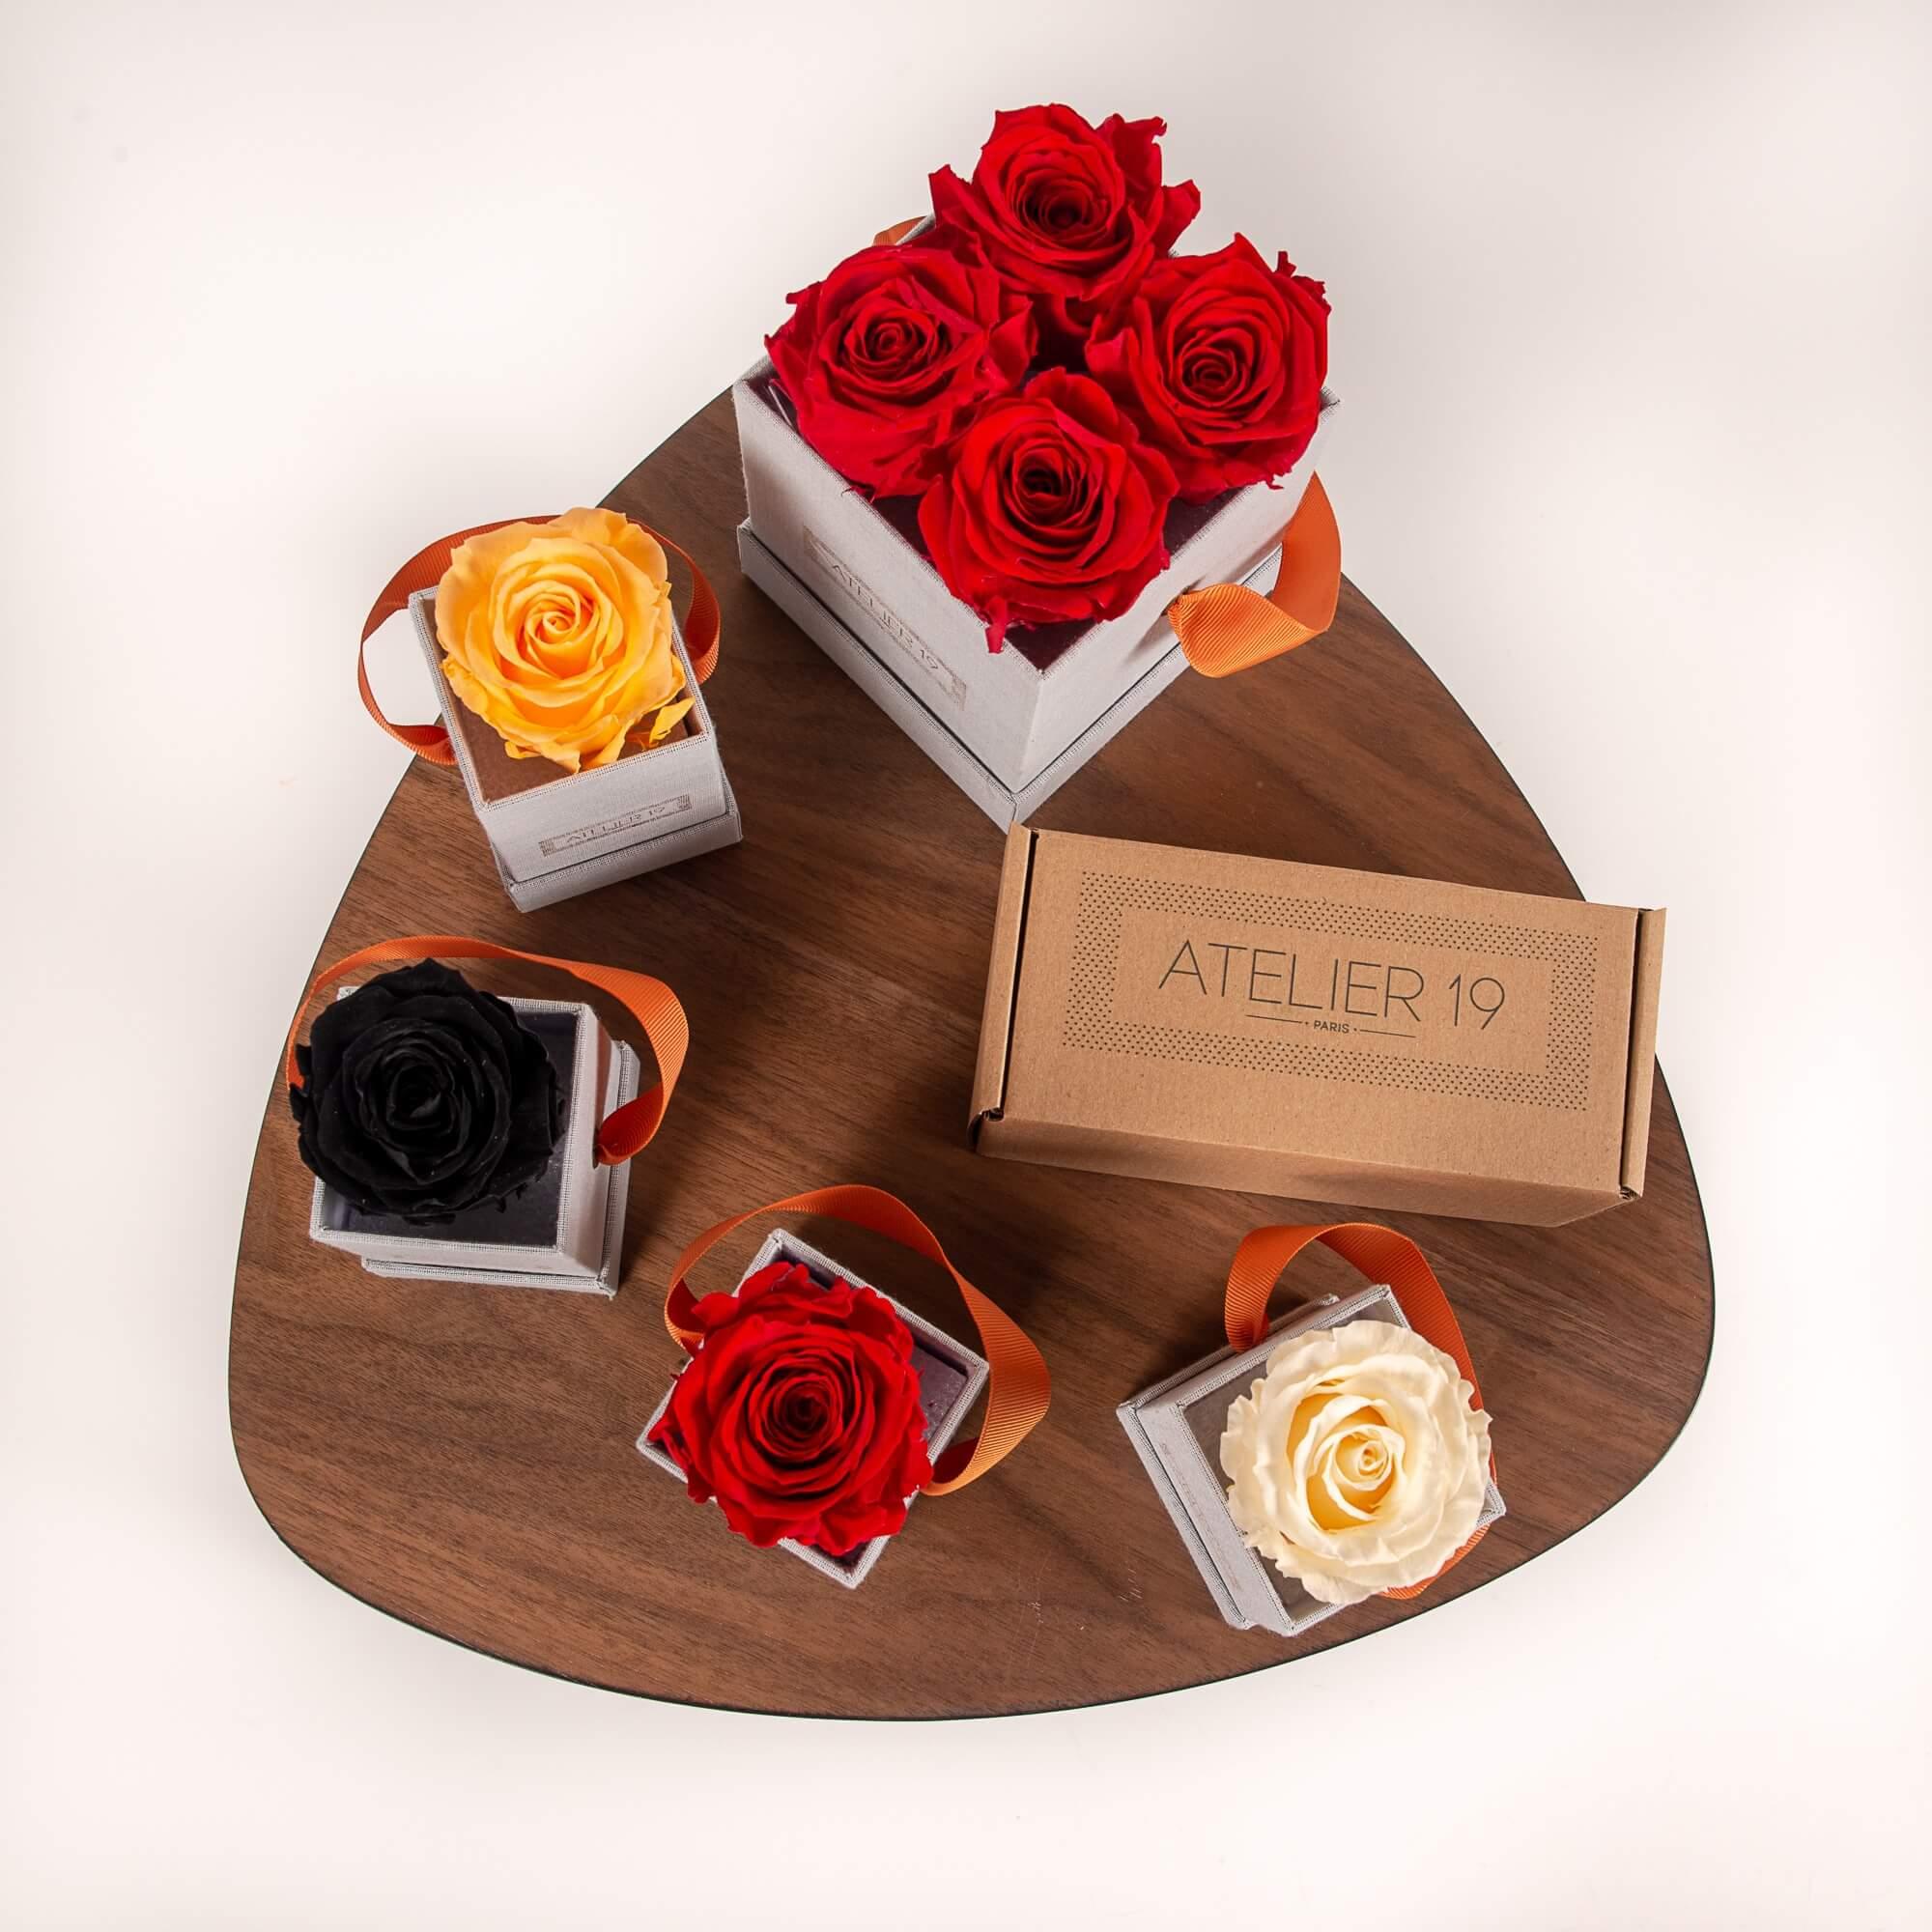 Box de roses Atelier 19